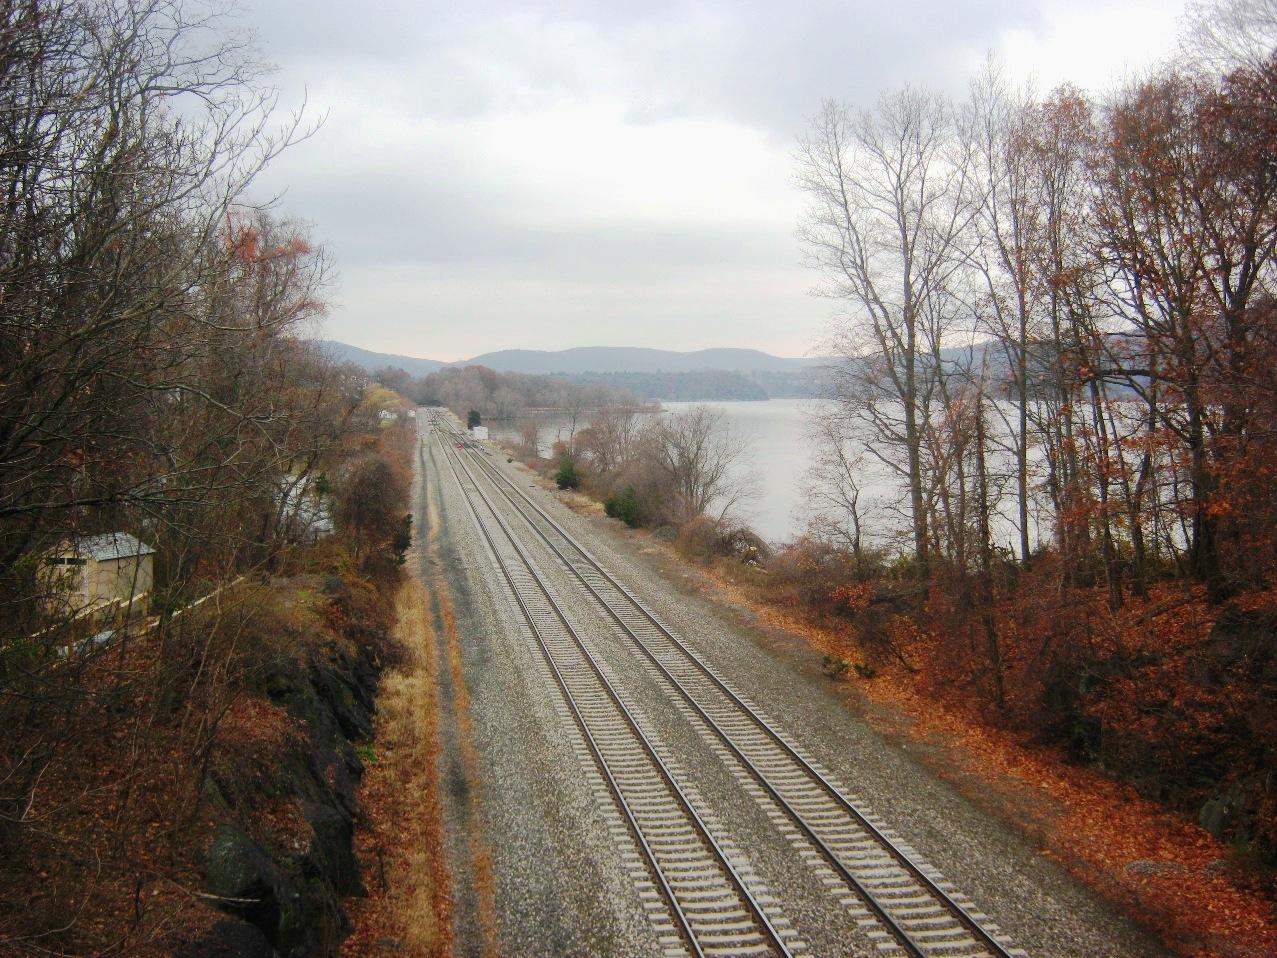 ハドソン川沿いの鉄道